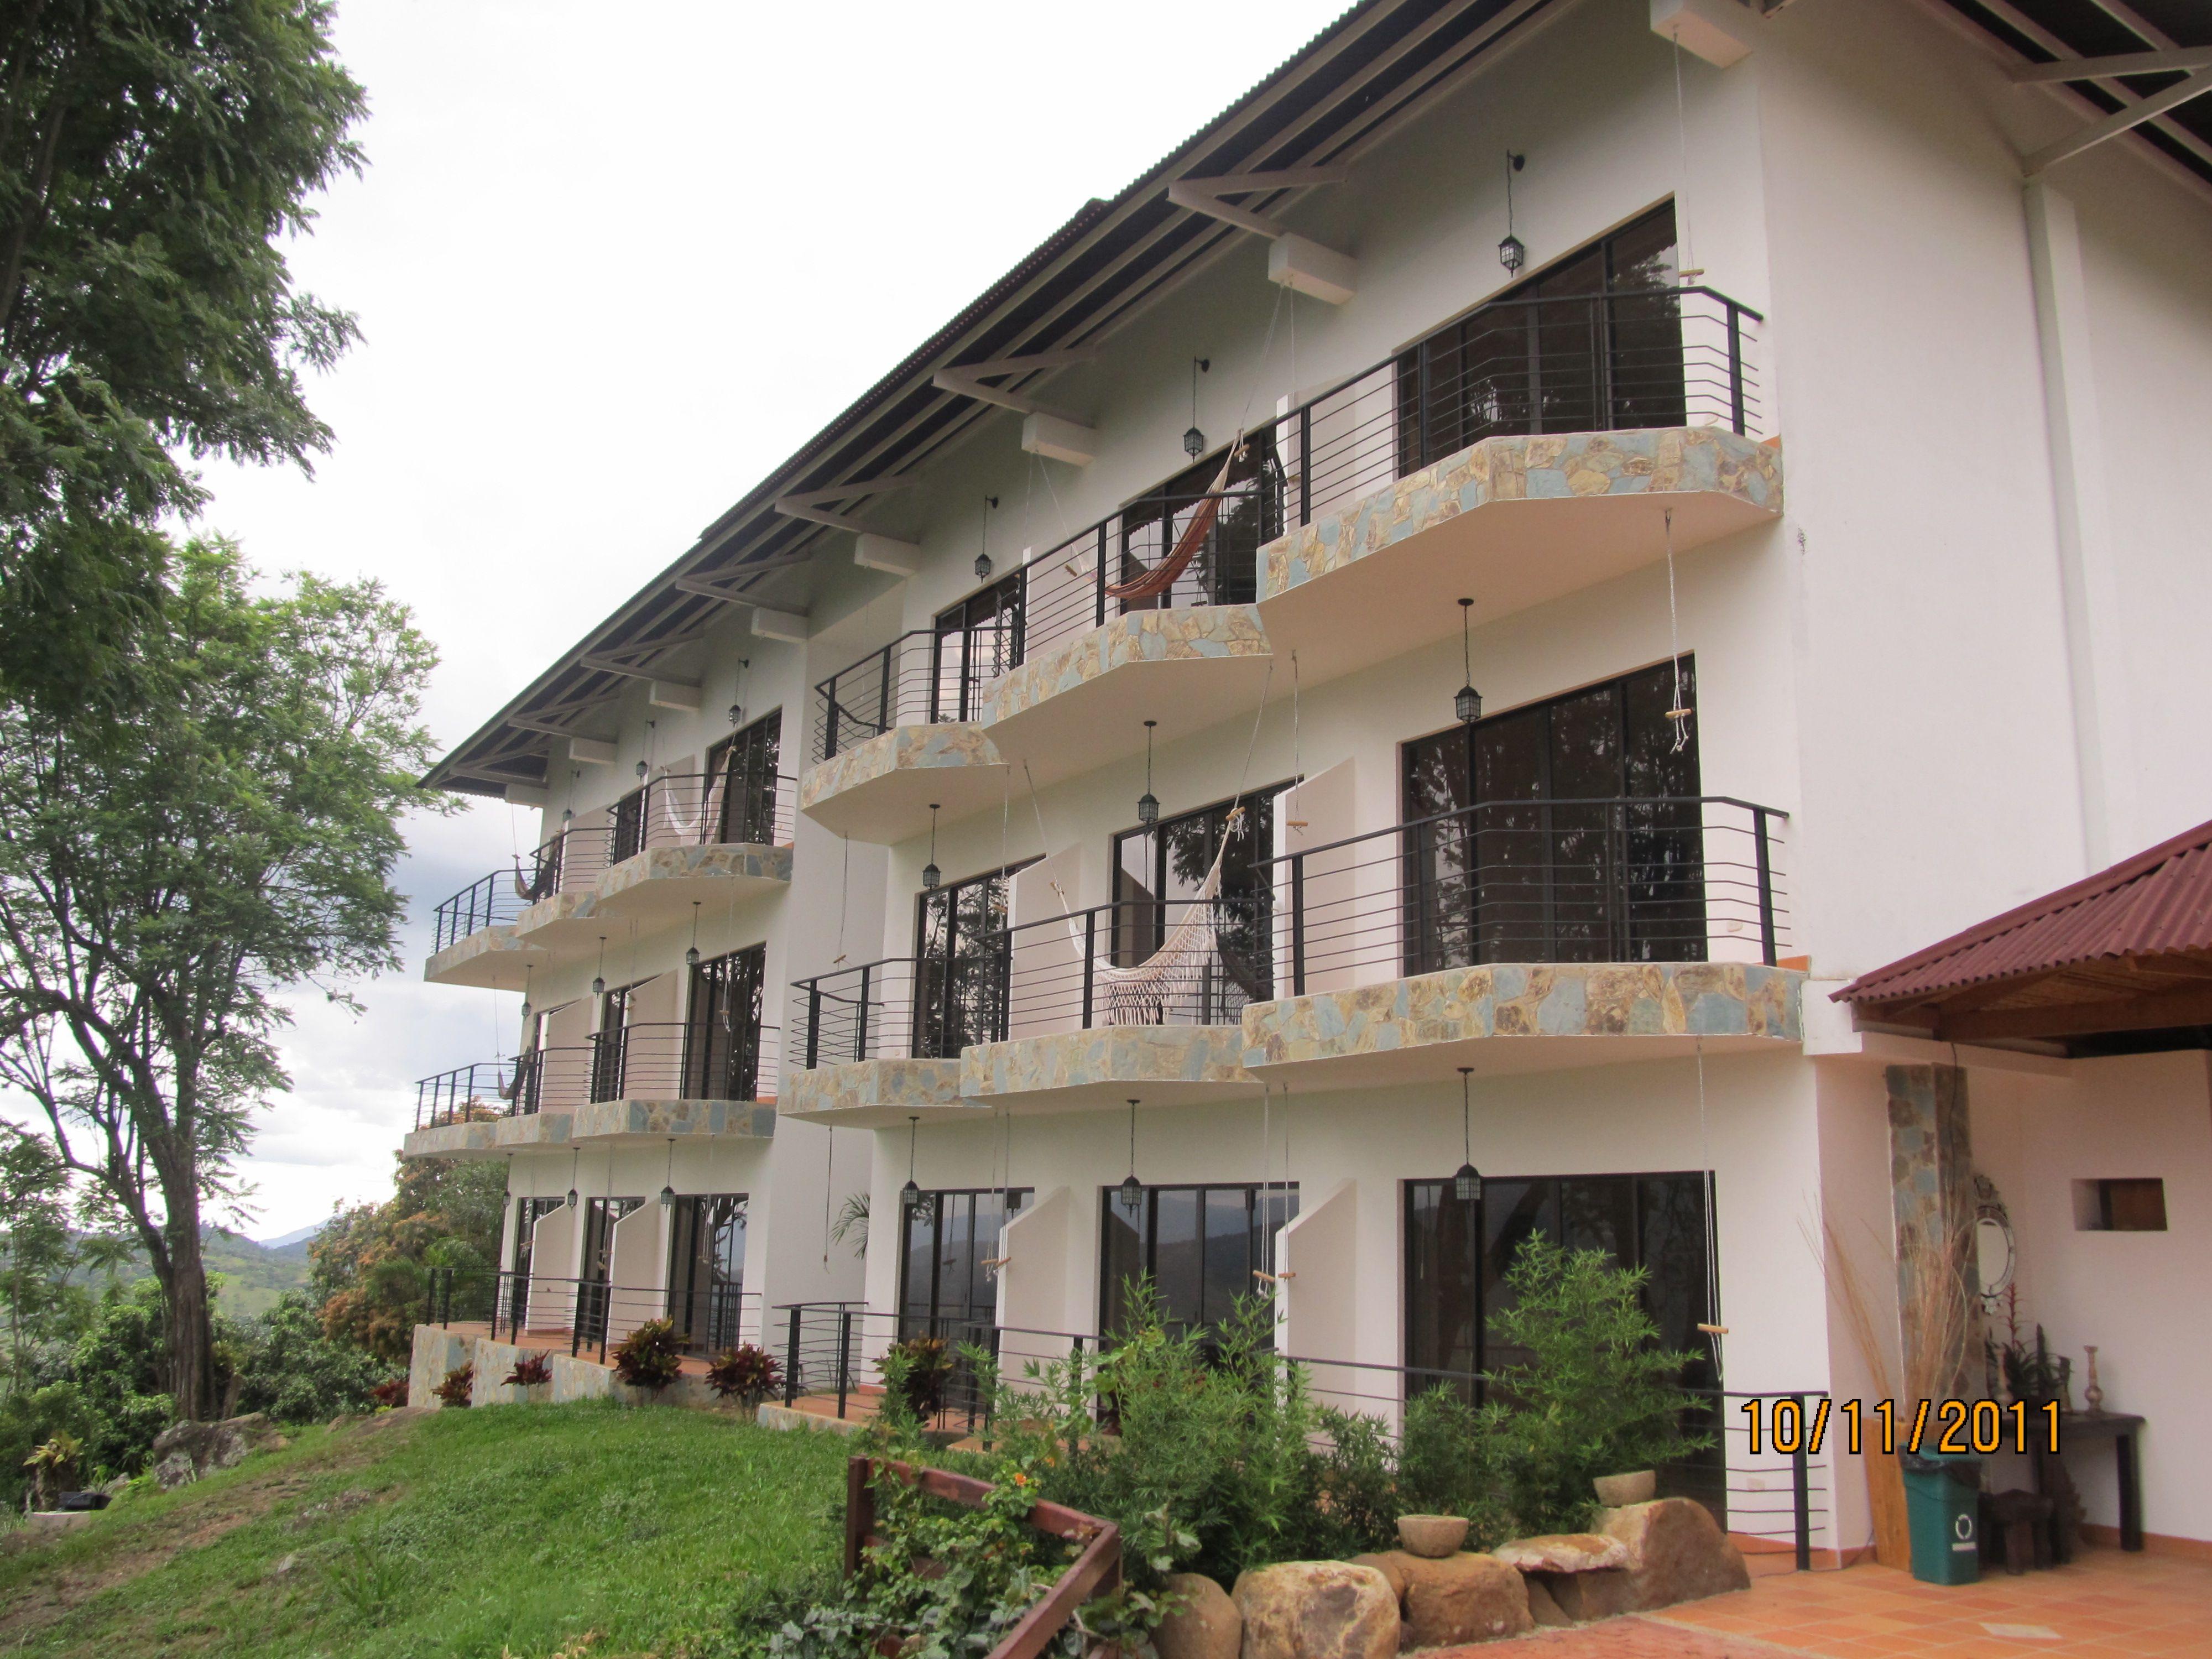 Hotel Resort La Toscana Mesa Cundinamarca Descanso Ecologico Y Reservado